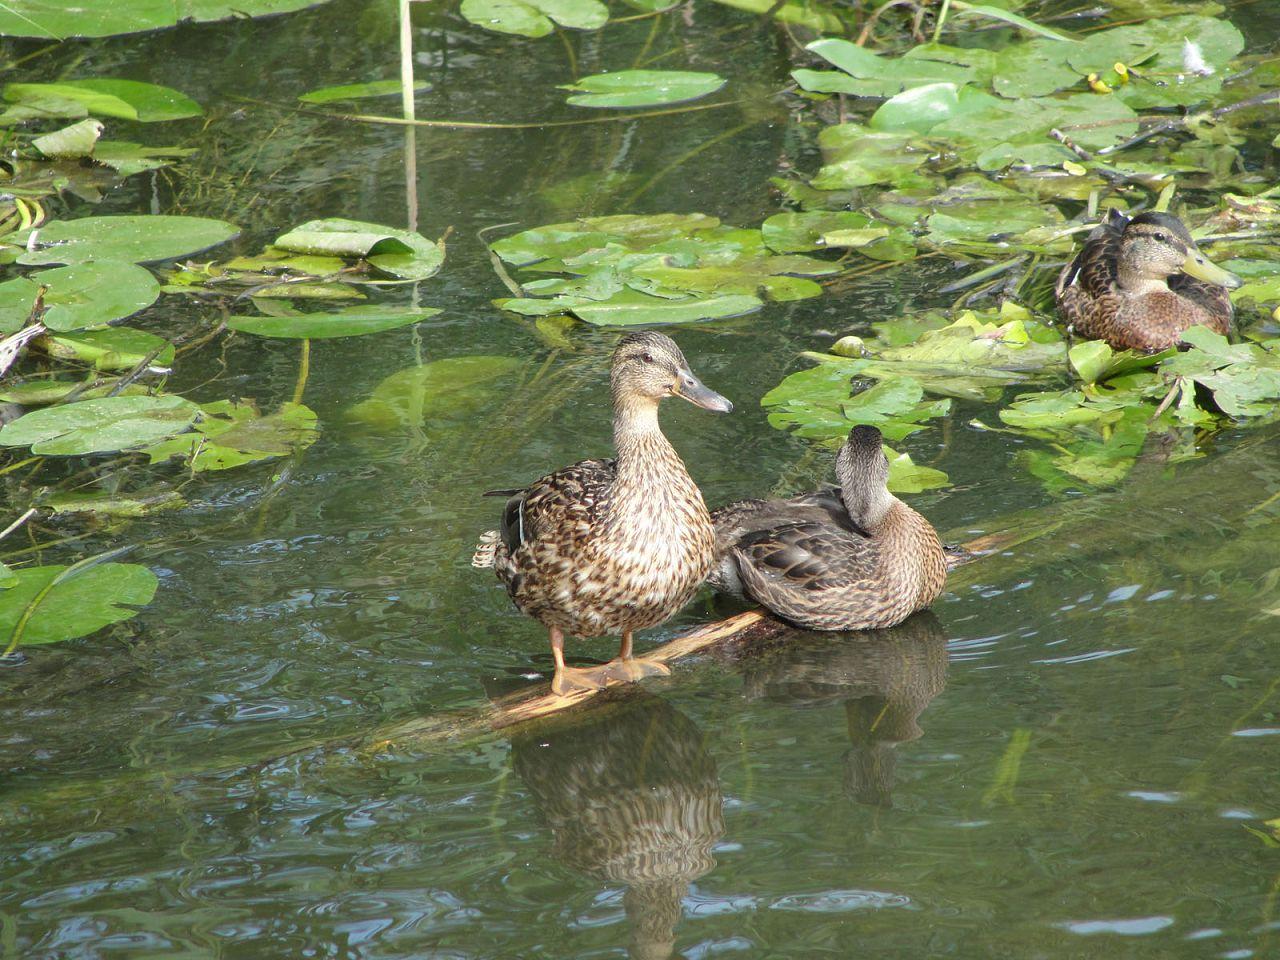 Дикие утки находят себе корм самостоятельно в прудах